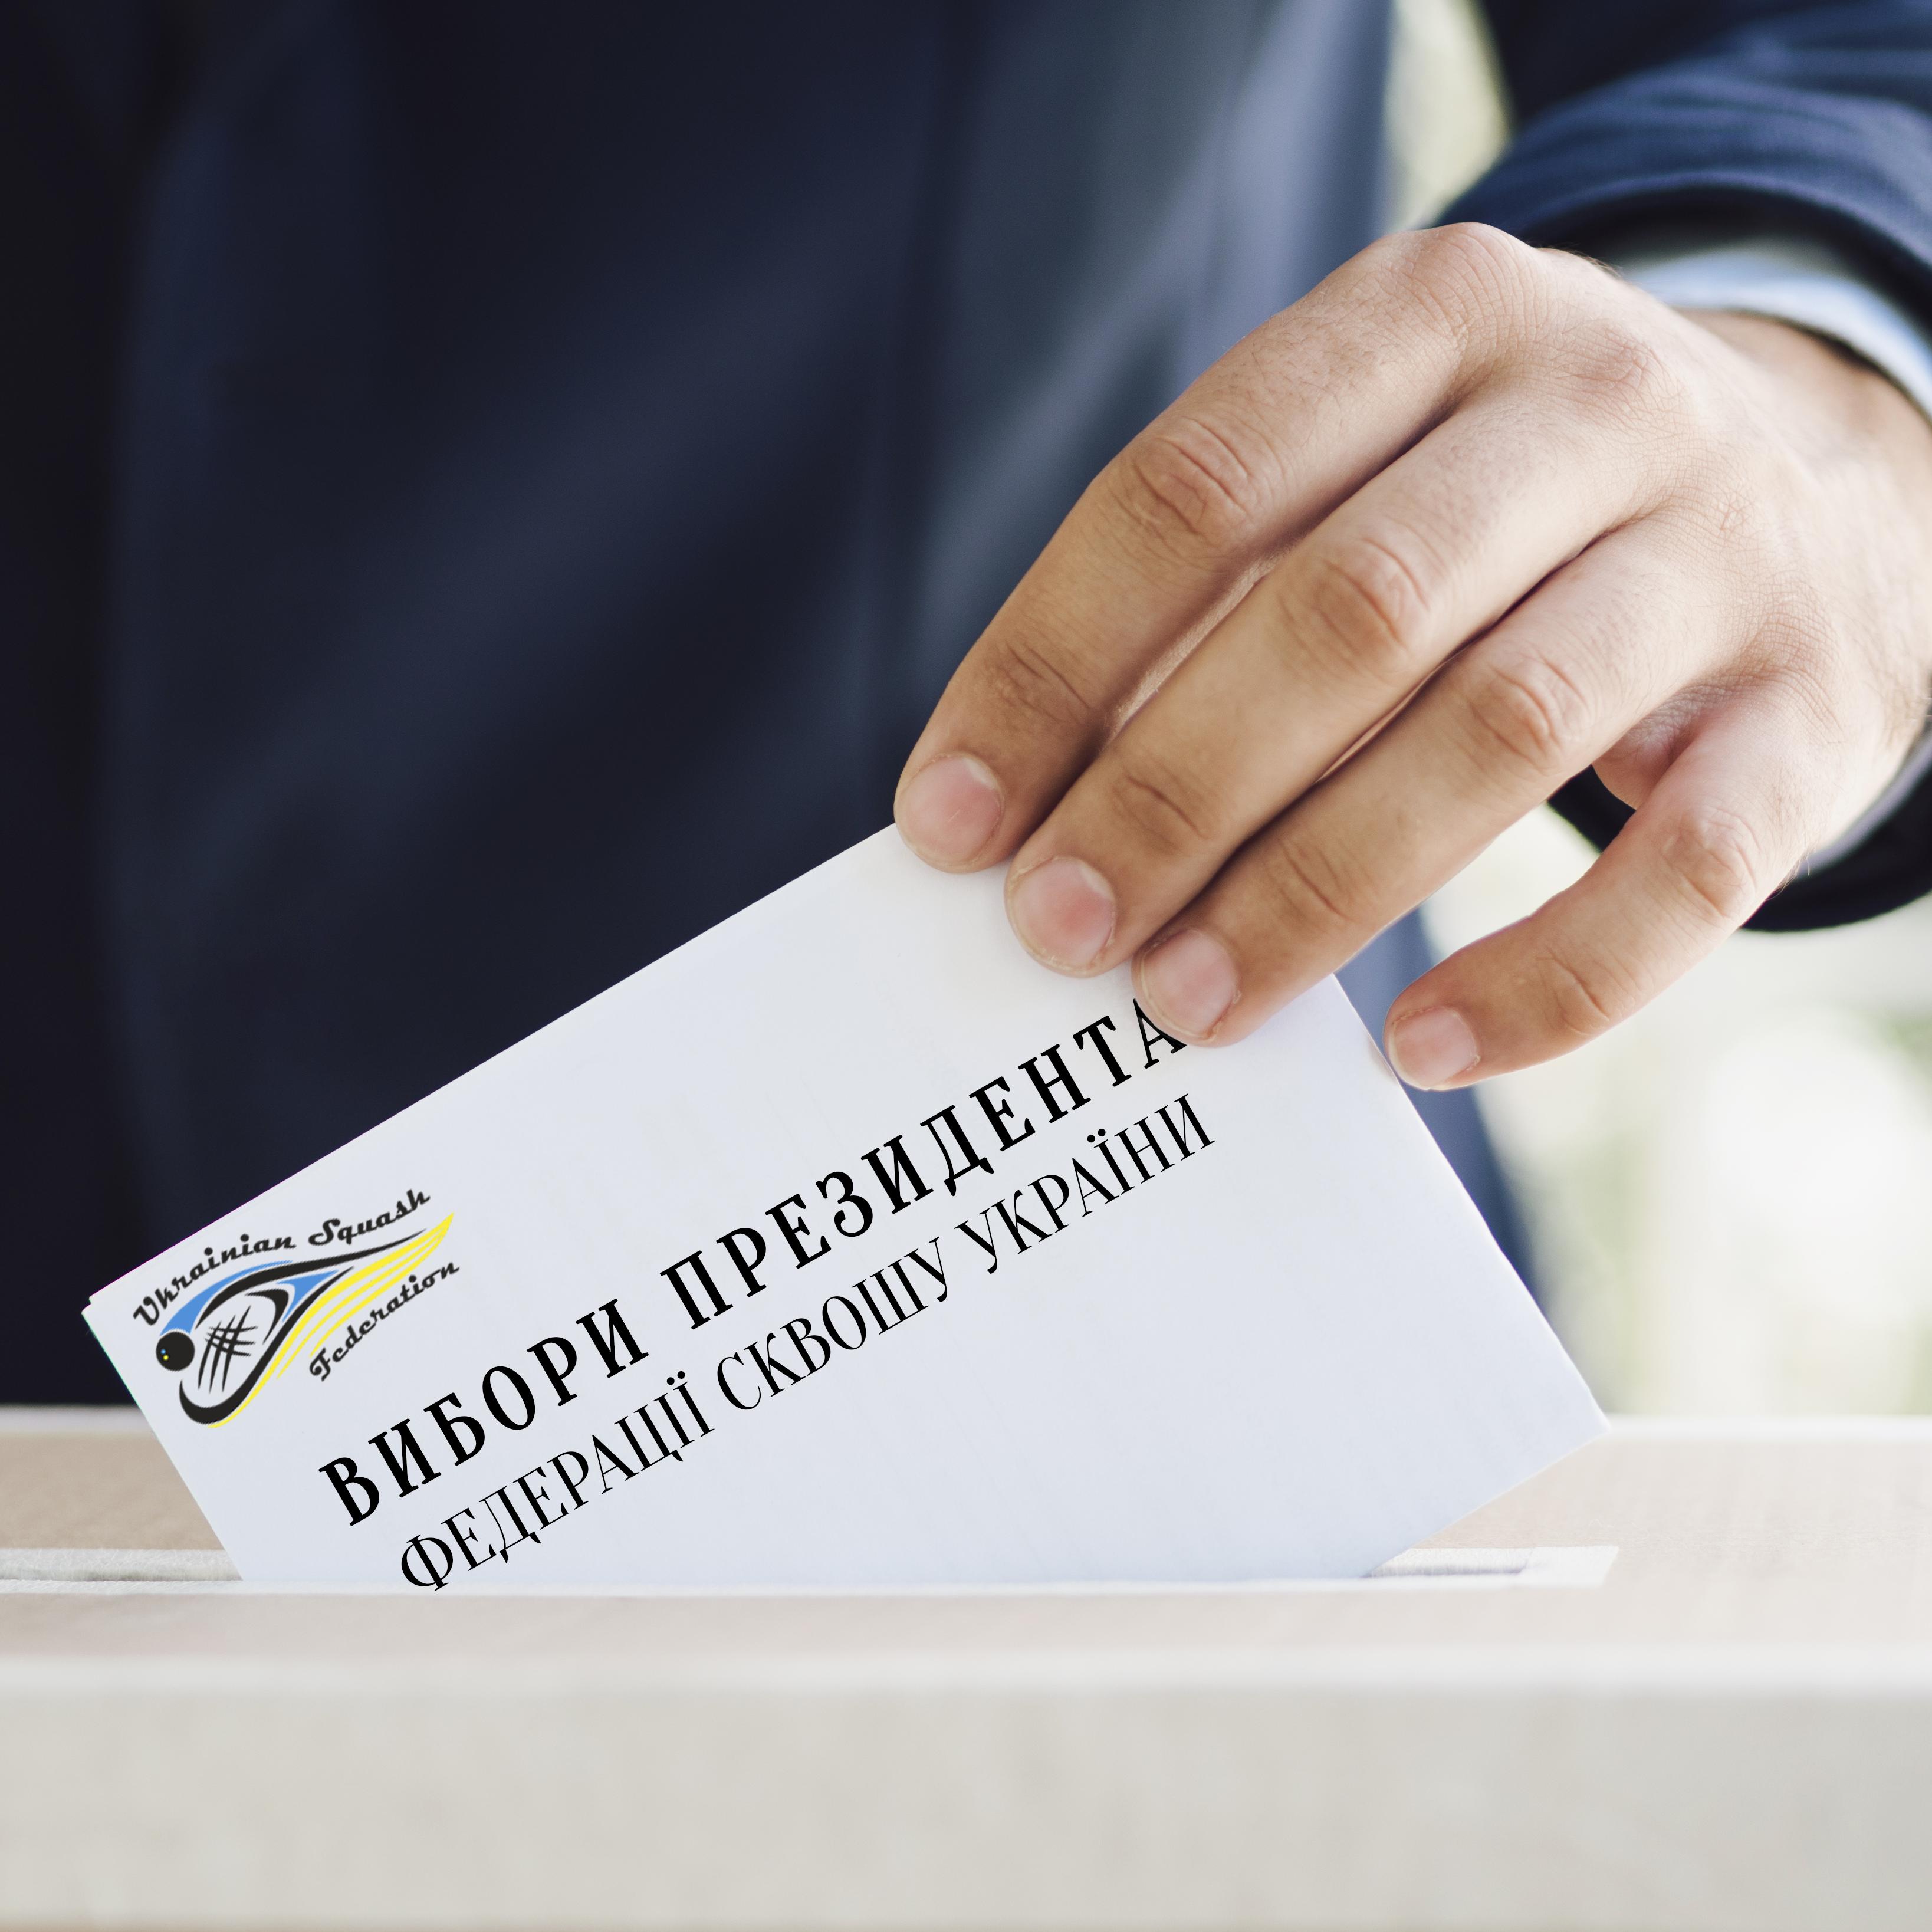 Регламент проведення виборів президента ФСУ 2019